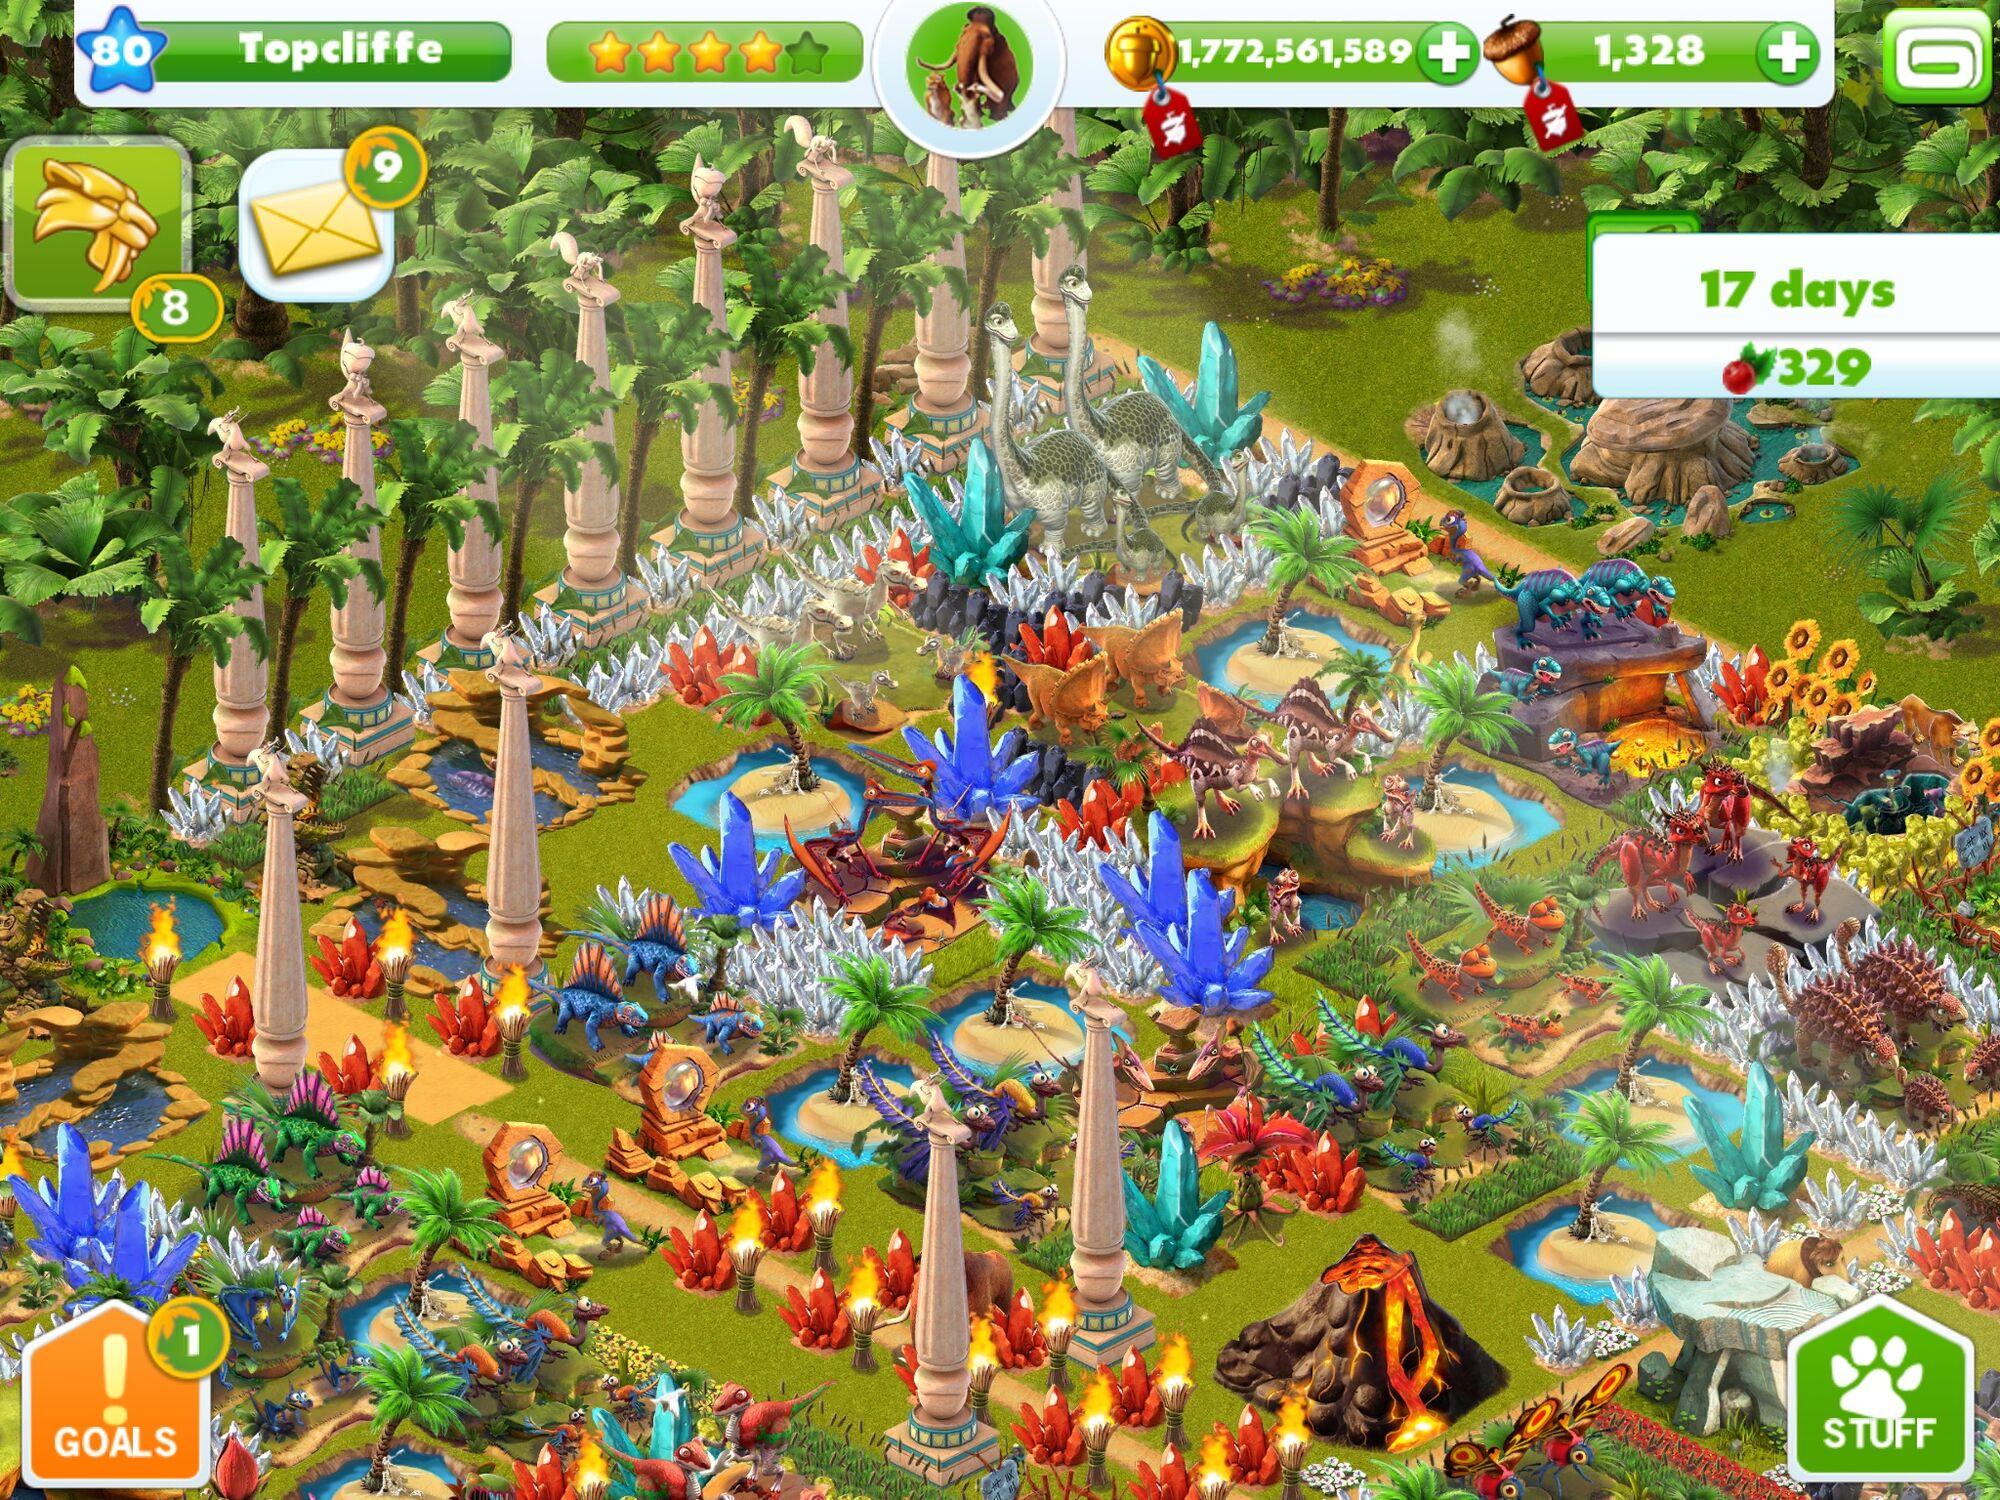 image  mylevel80image  ice age village wiki